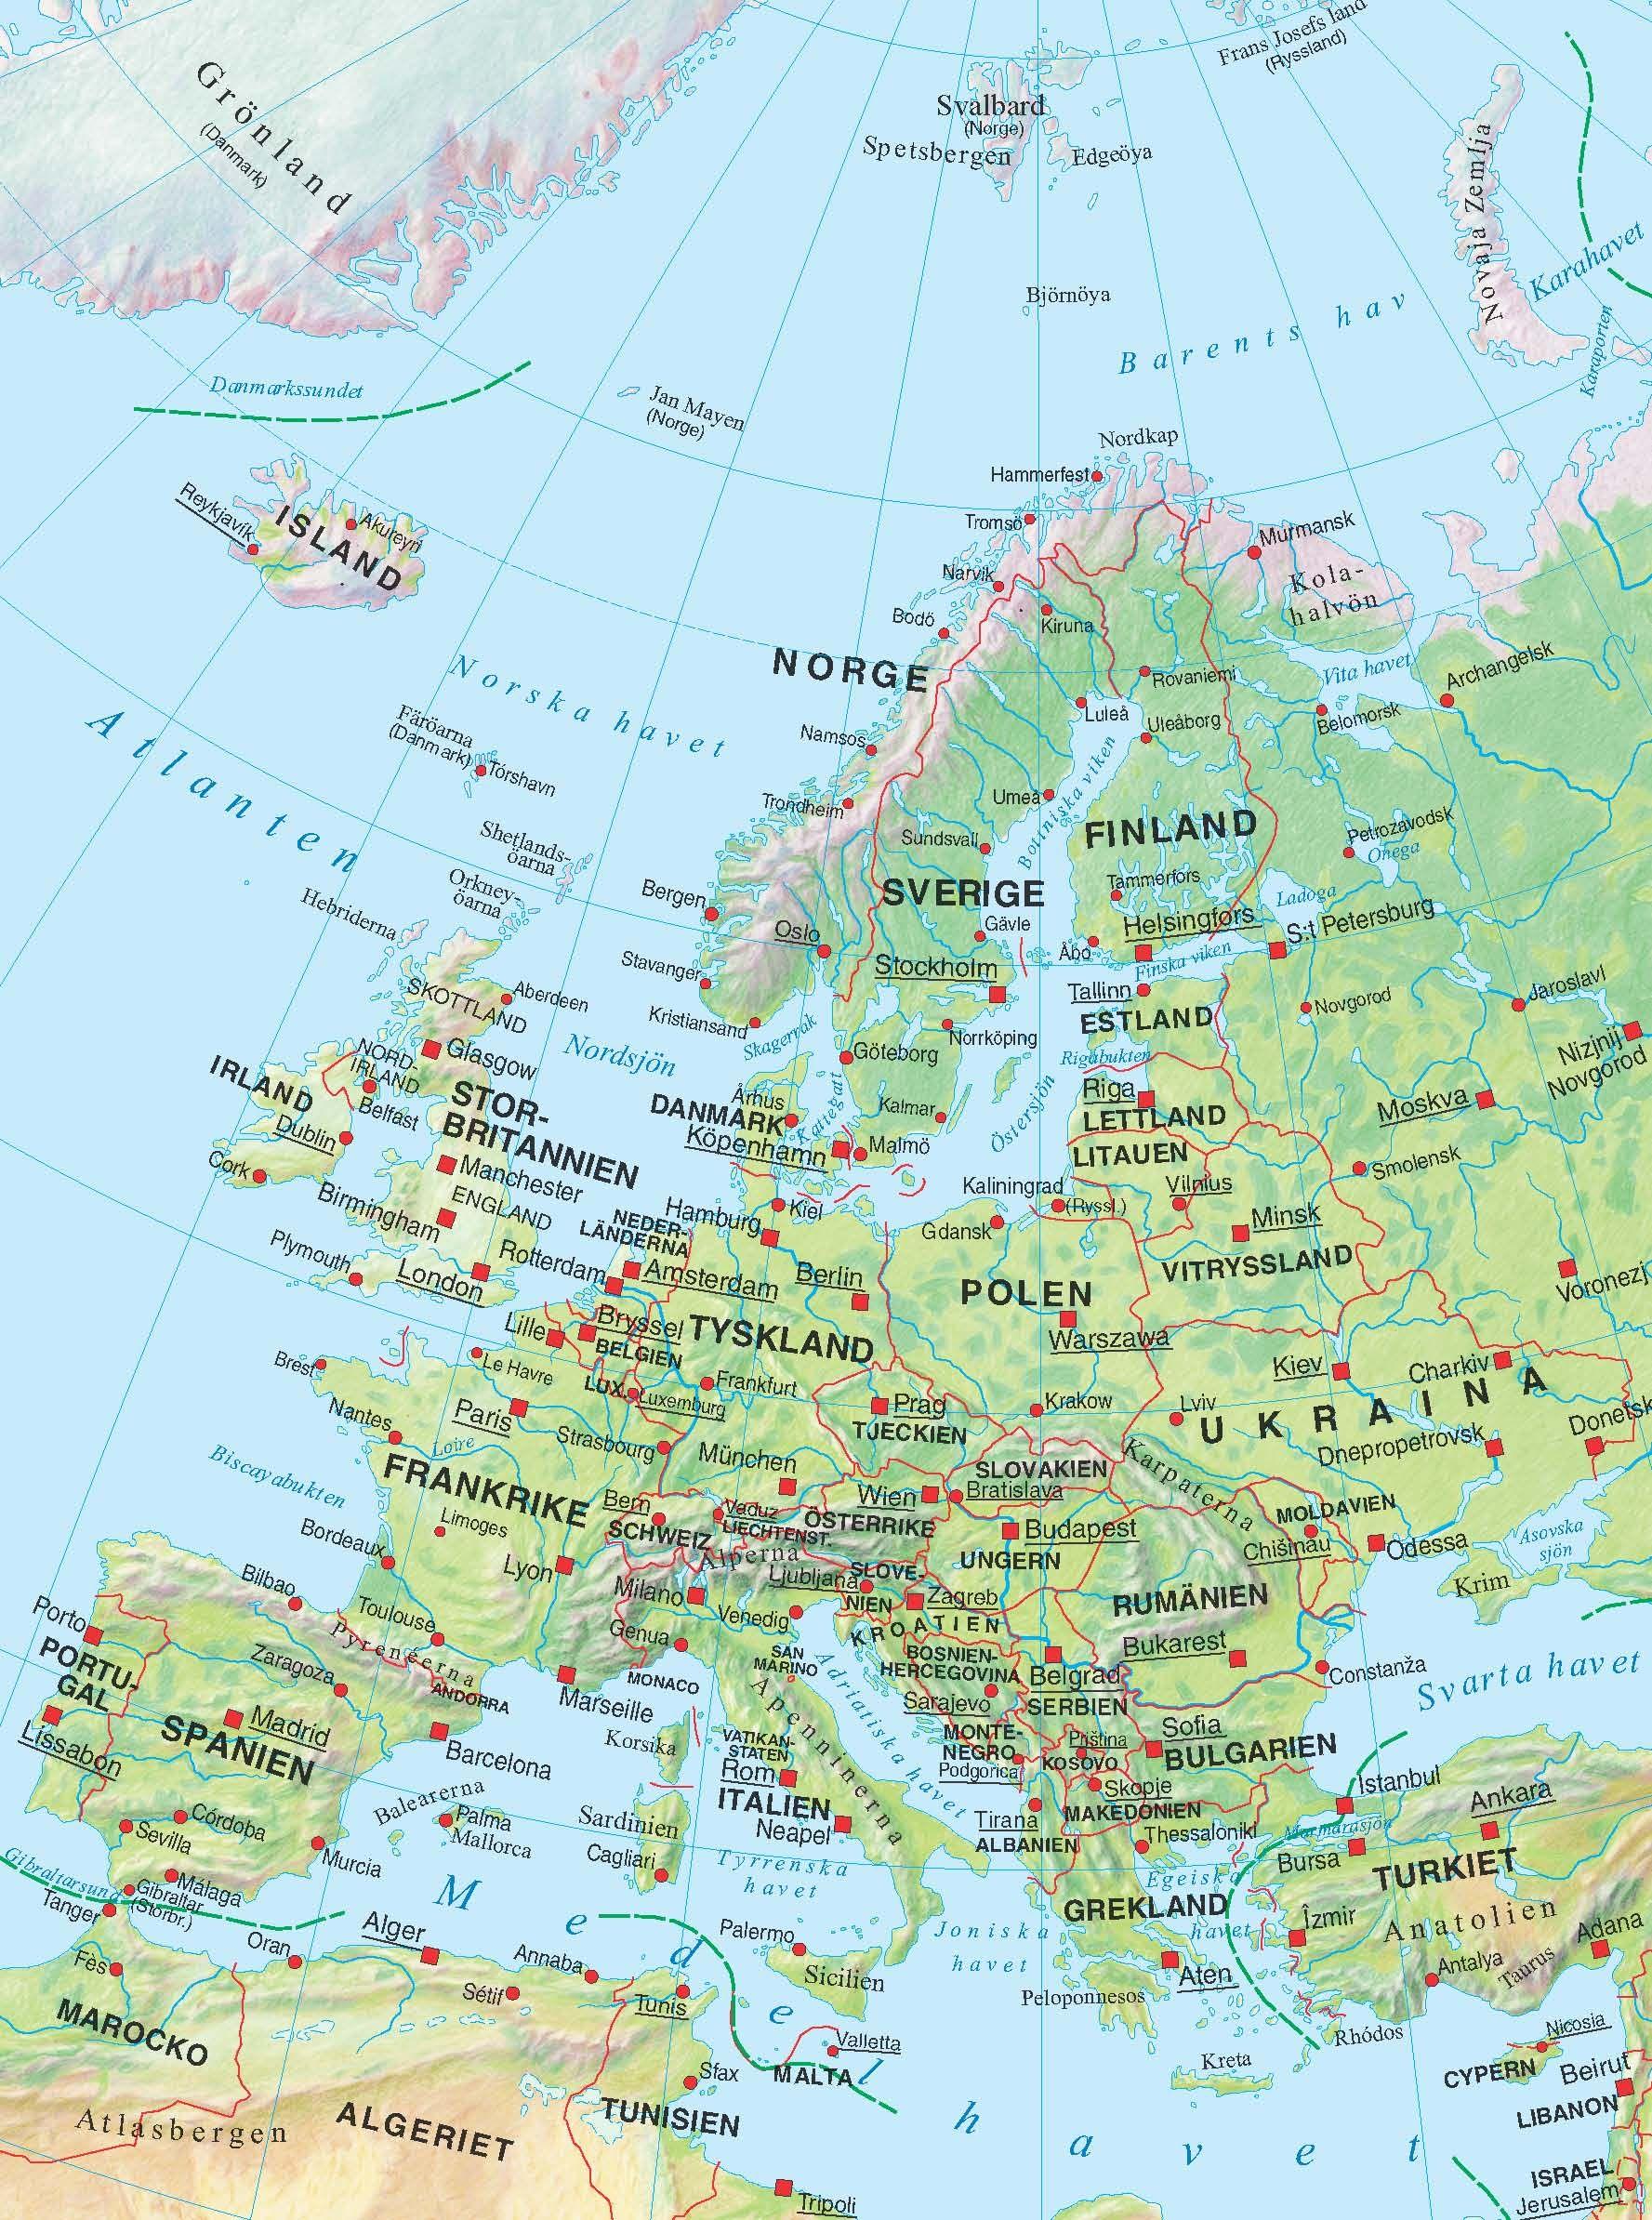 Majema Kartor Europa Sverige Och Varlden Med Bilder